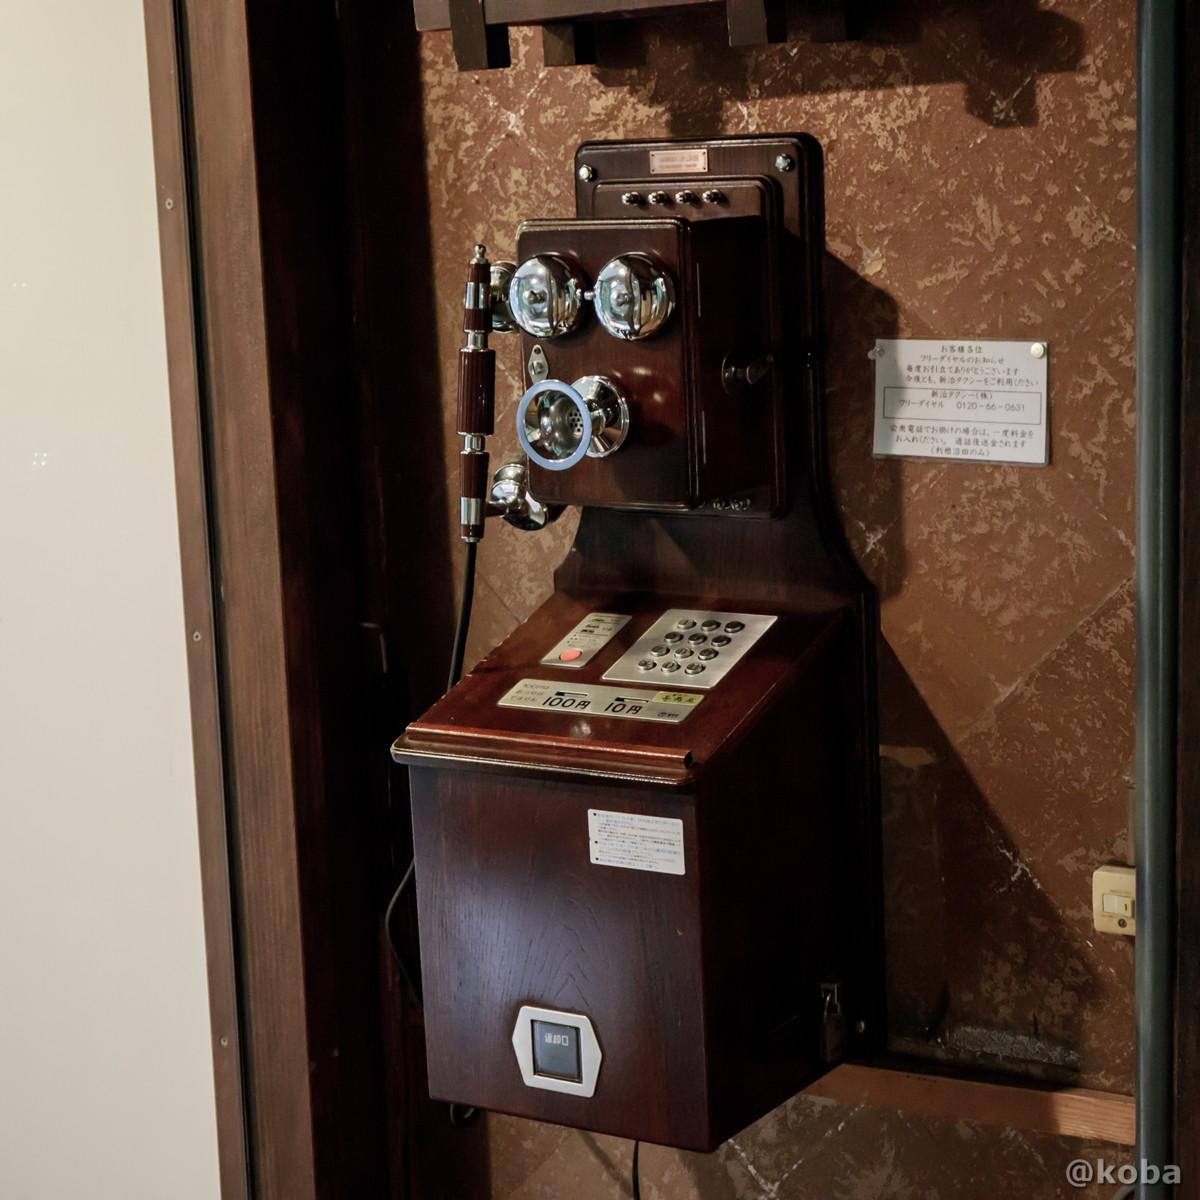 レトロ調な電話機 法師温泉 長寿館 ほうしおんせんちょうじゅかん 群馬県